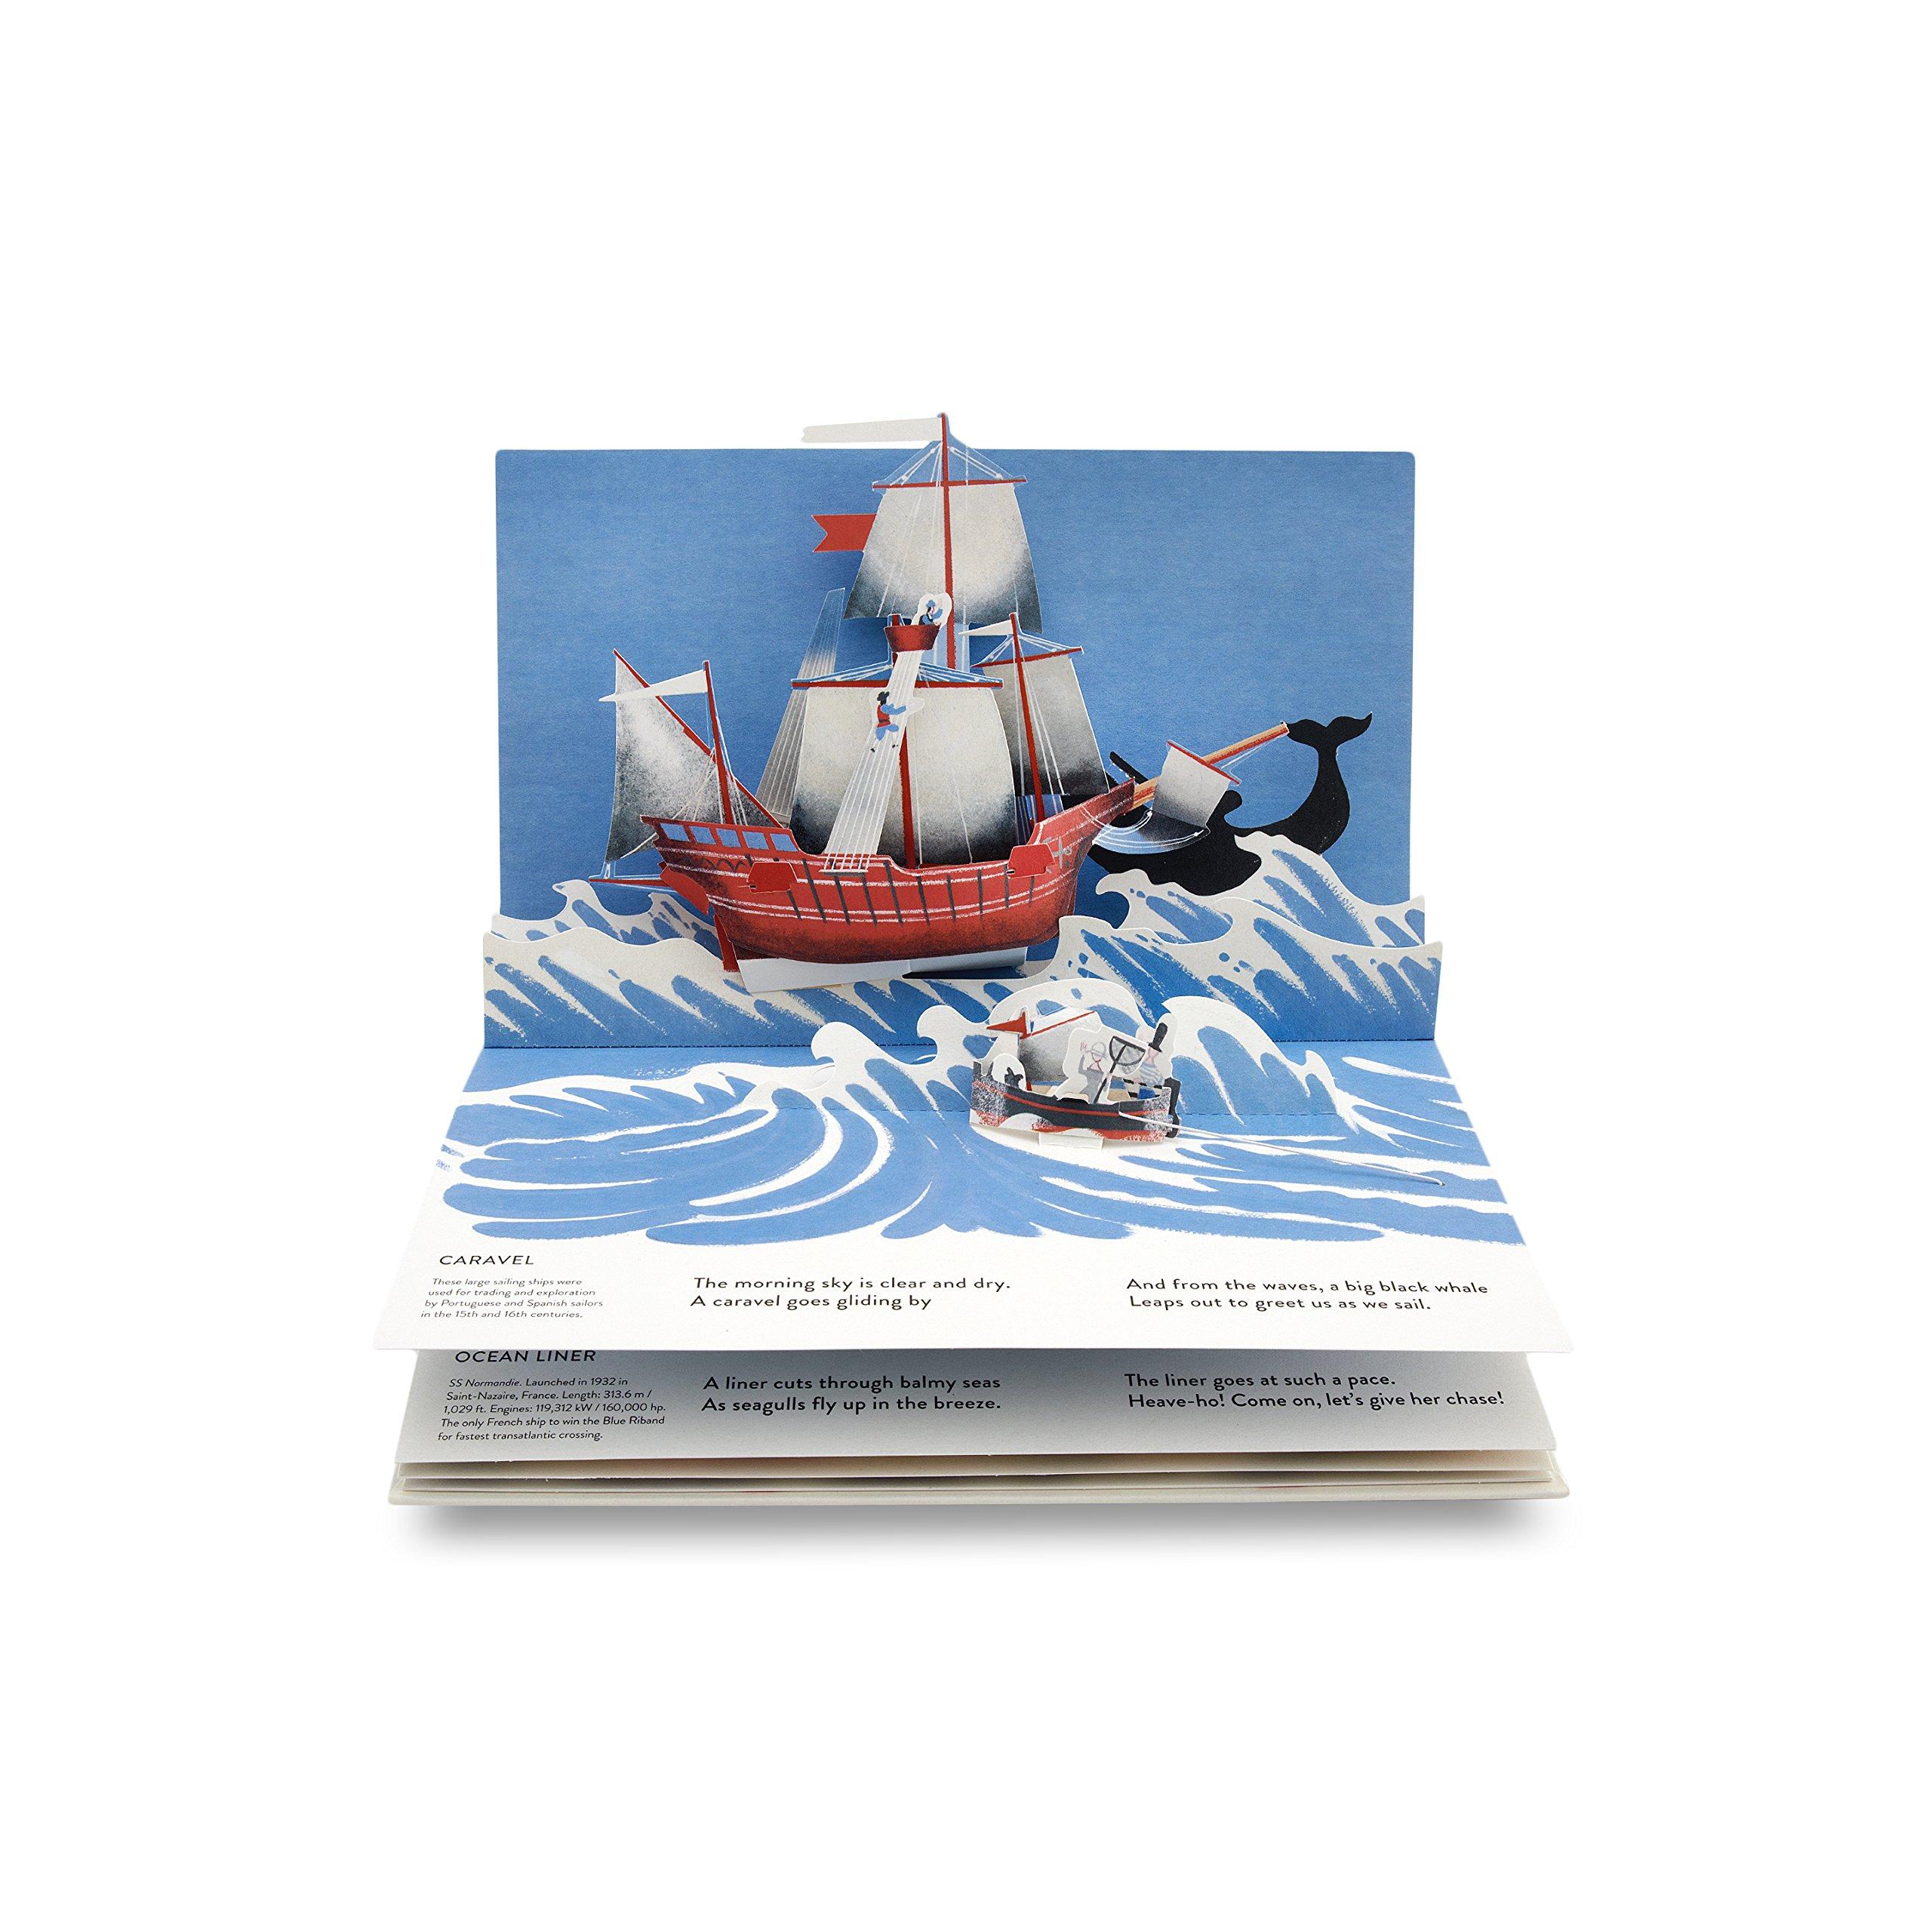 a sea voyage gérard lomonaco 9780500650882 amazon com books